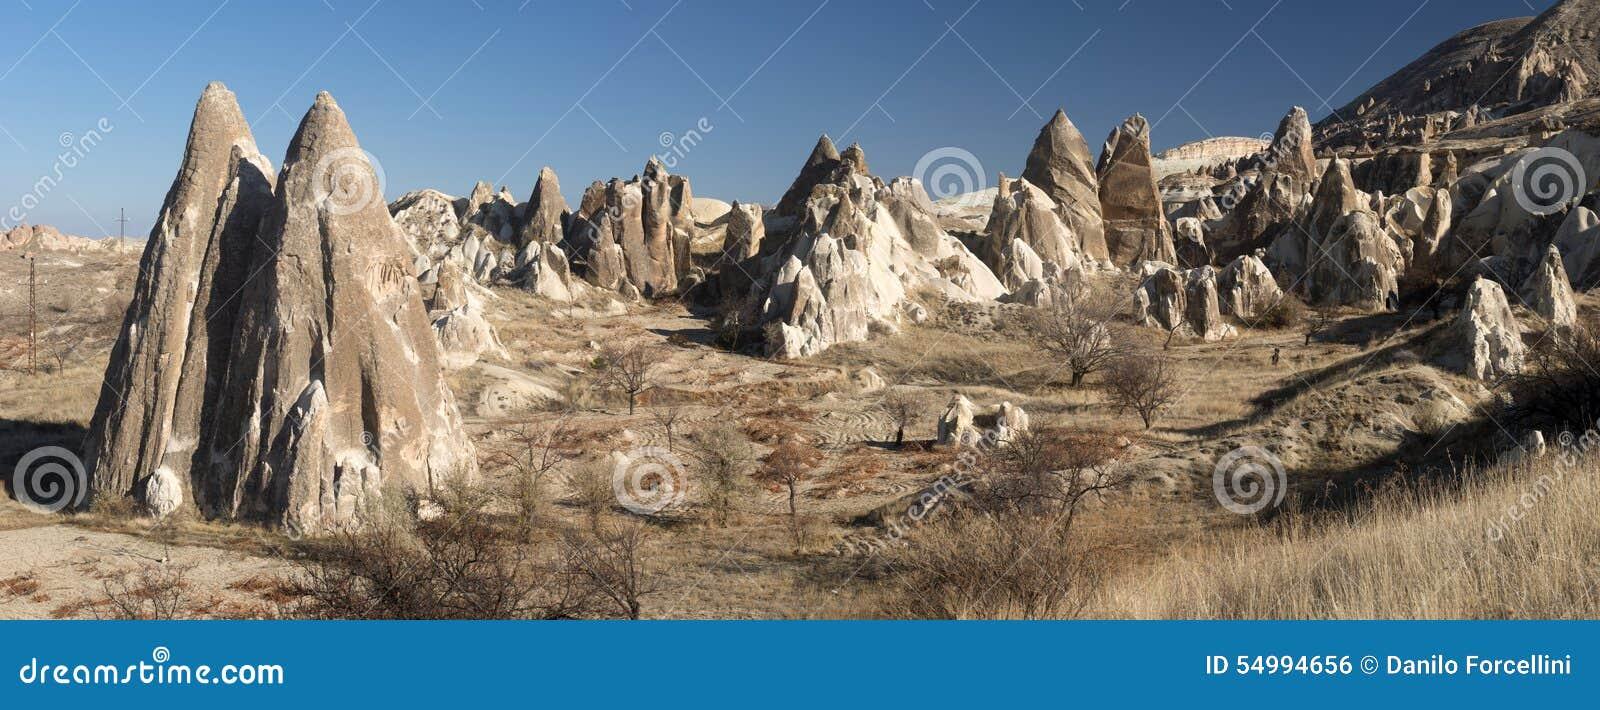 Förälskelsedal, Goreme region, Turkiet